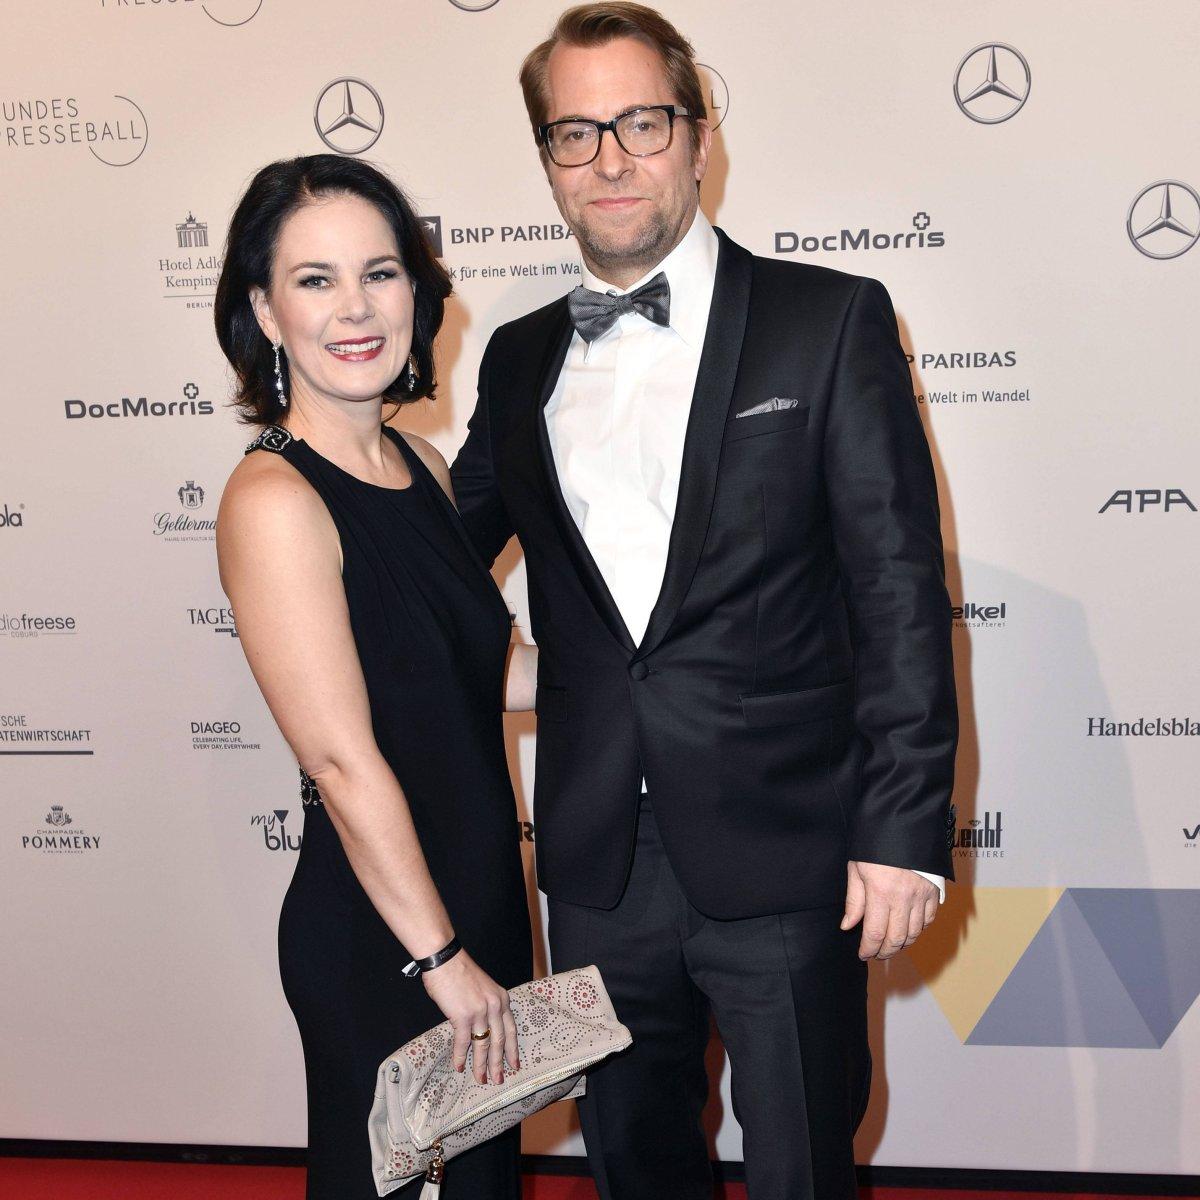 Annalena Baerbock Privat Ehemann Kinder Und Fussball Leidenschaft Derwesten De